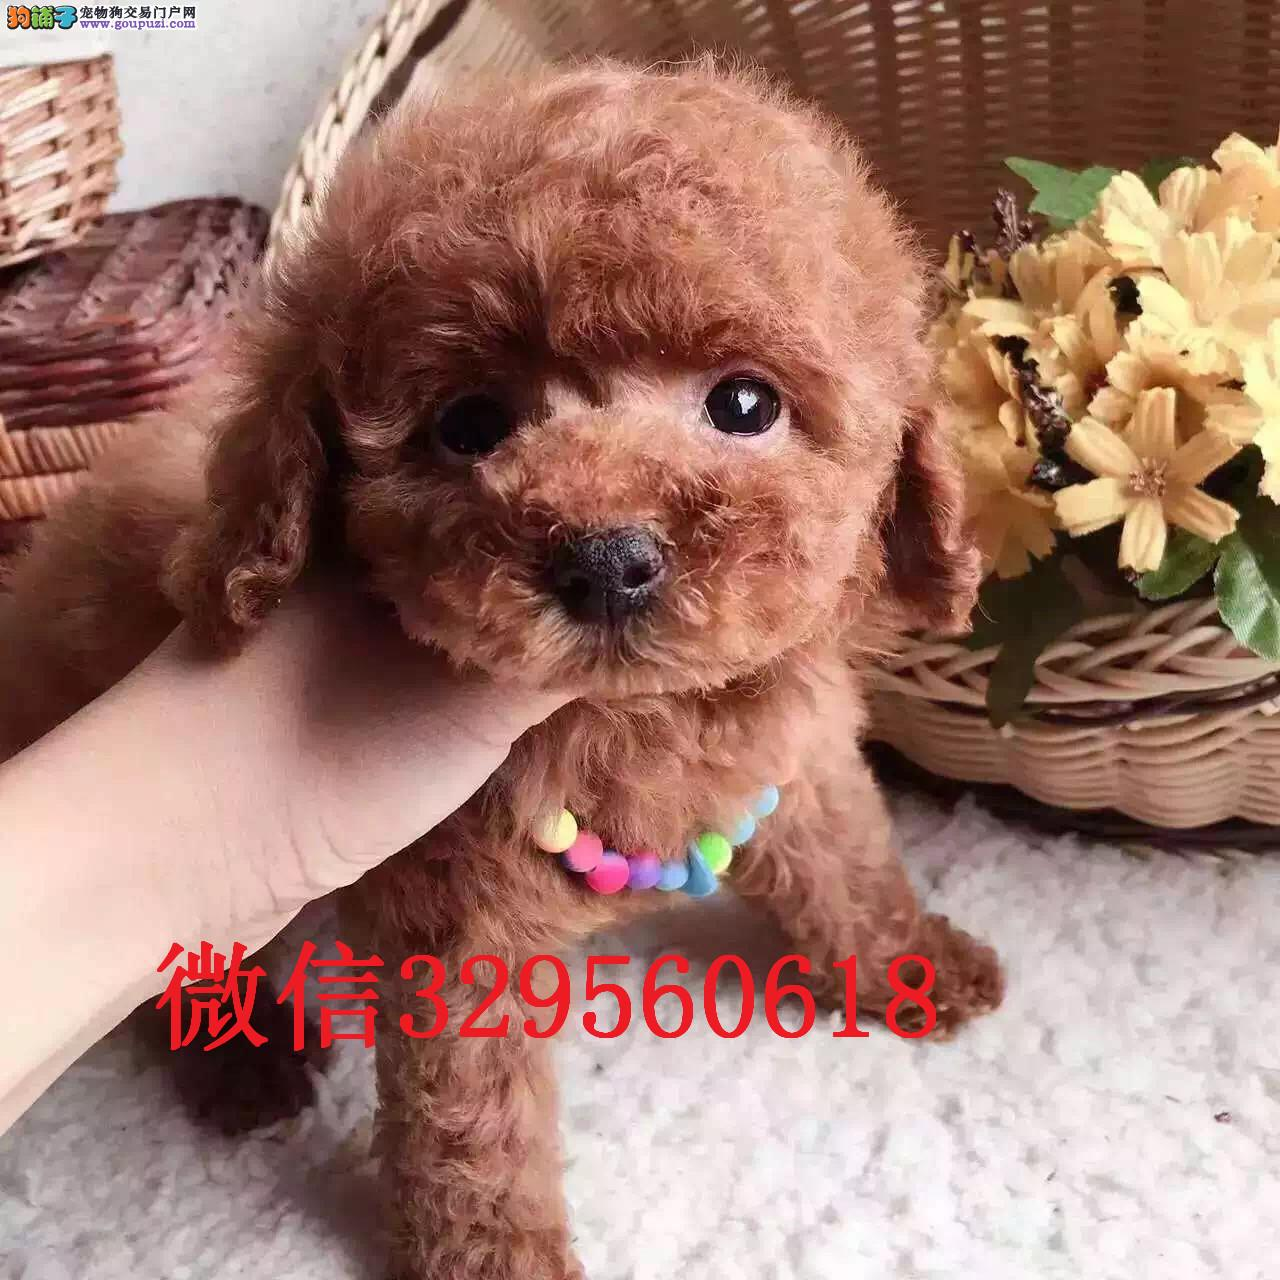 天津哪里卖贵宾犬 玩具贵宾 红色贵宾 赛级贵宾犬